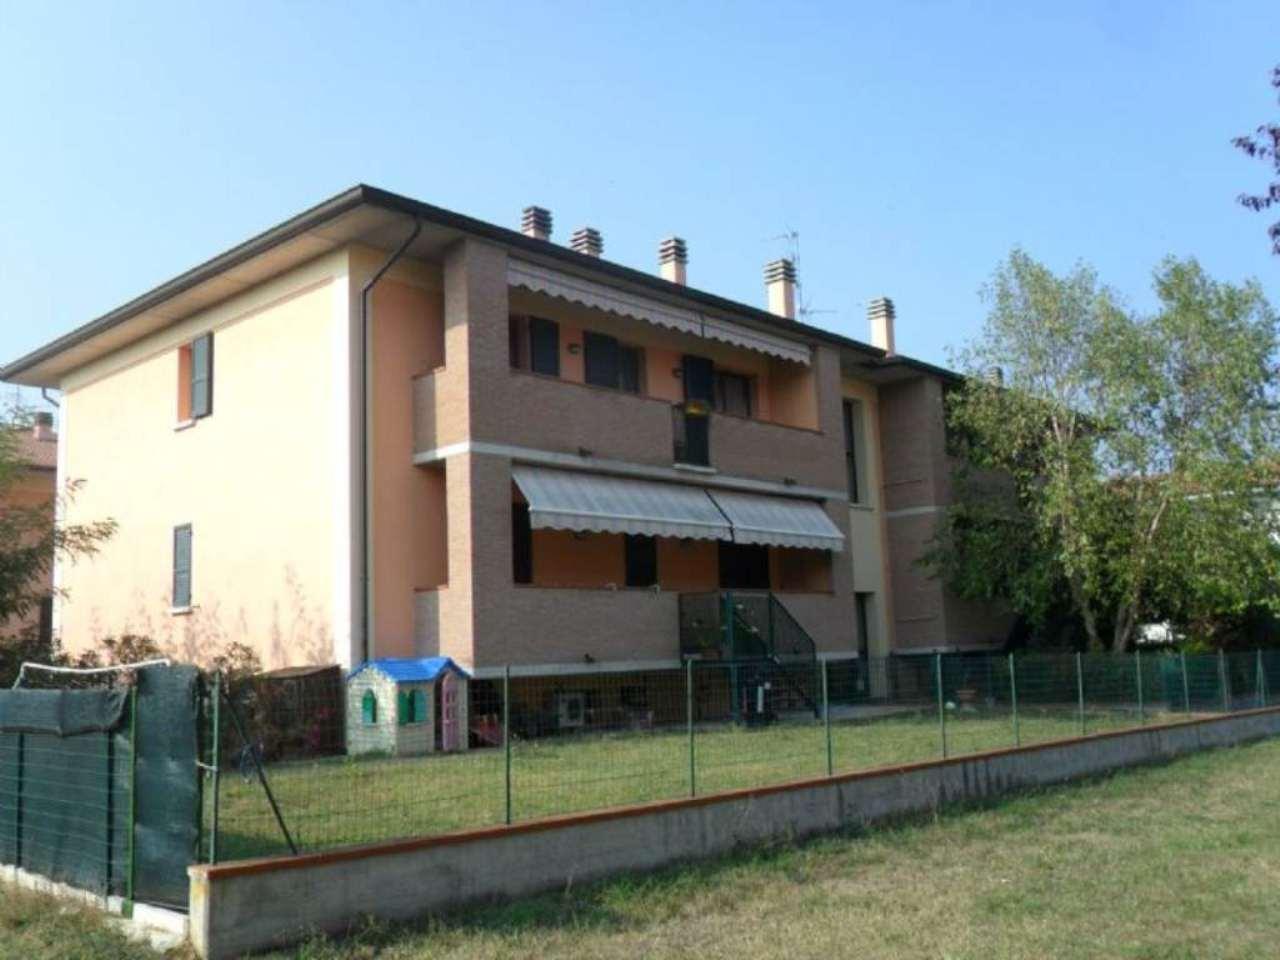 Appartamento in vendita a Medesano, 3 locali, prezzo € 130.000 | Cambio Casa.it